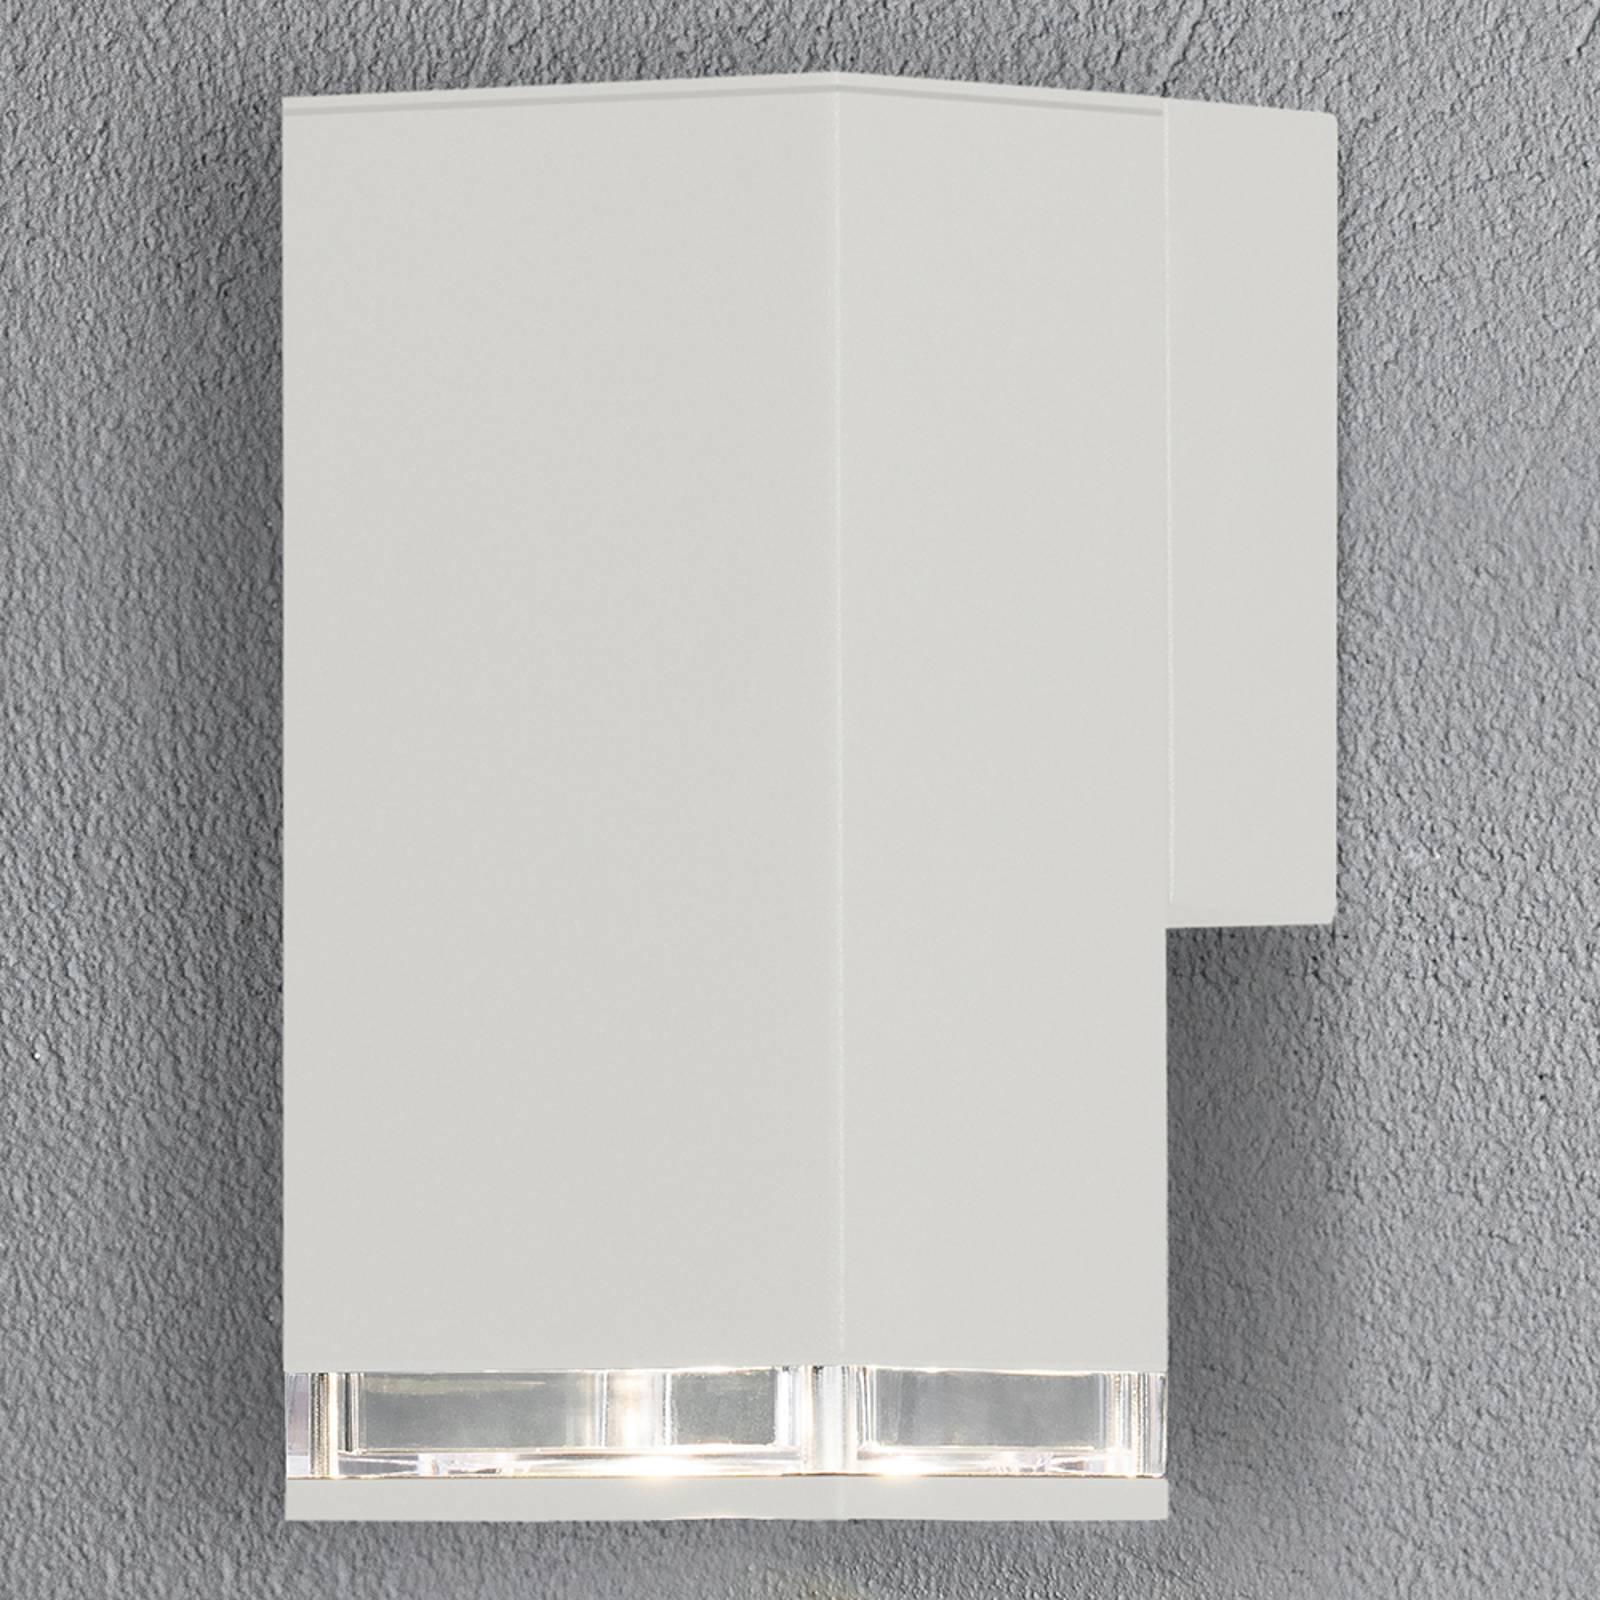 Ulkoseinälamppu Antares Downlight 16,5cm valkoinen